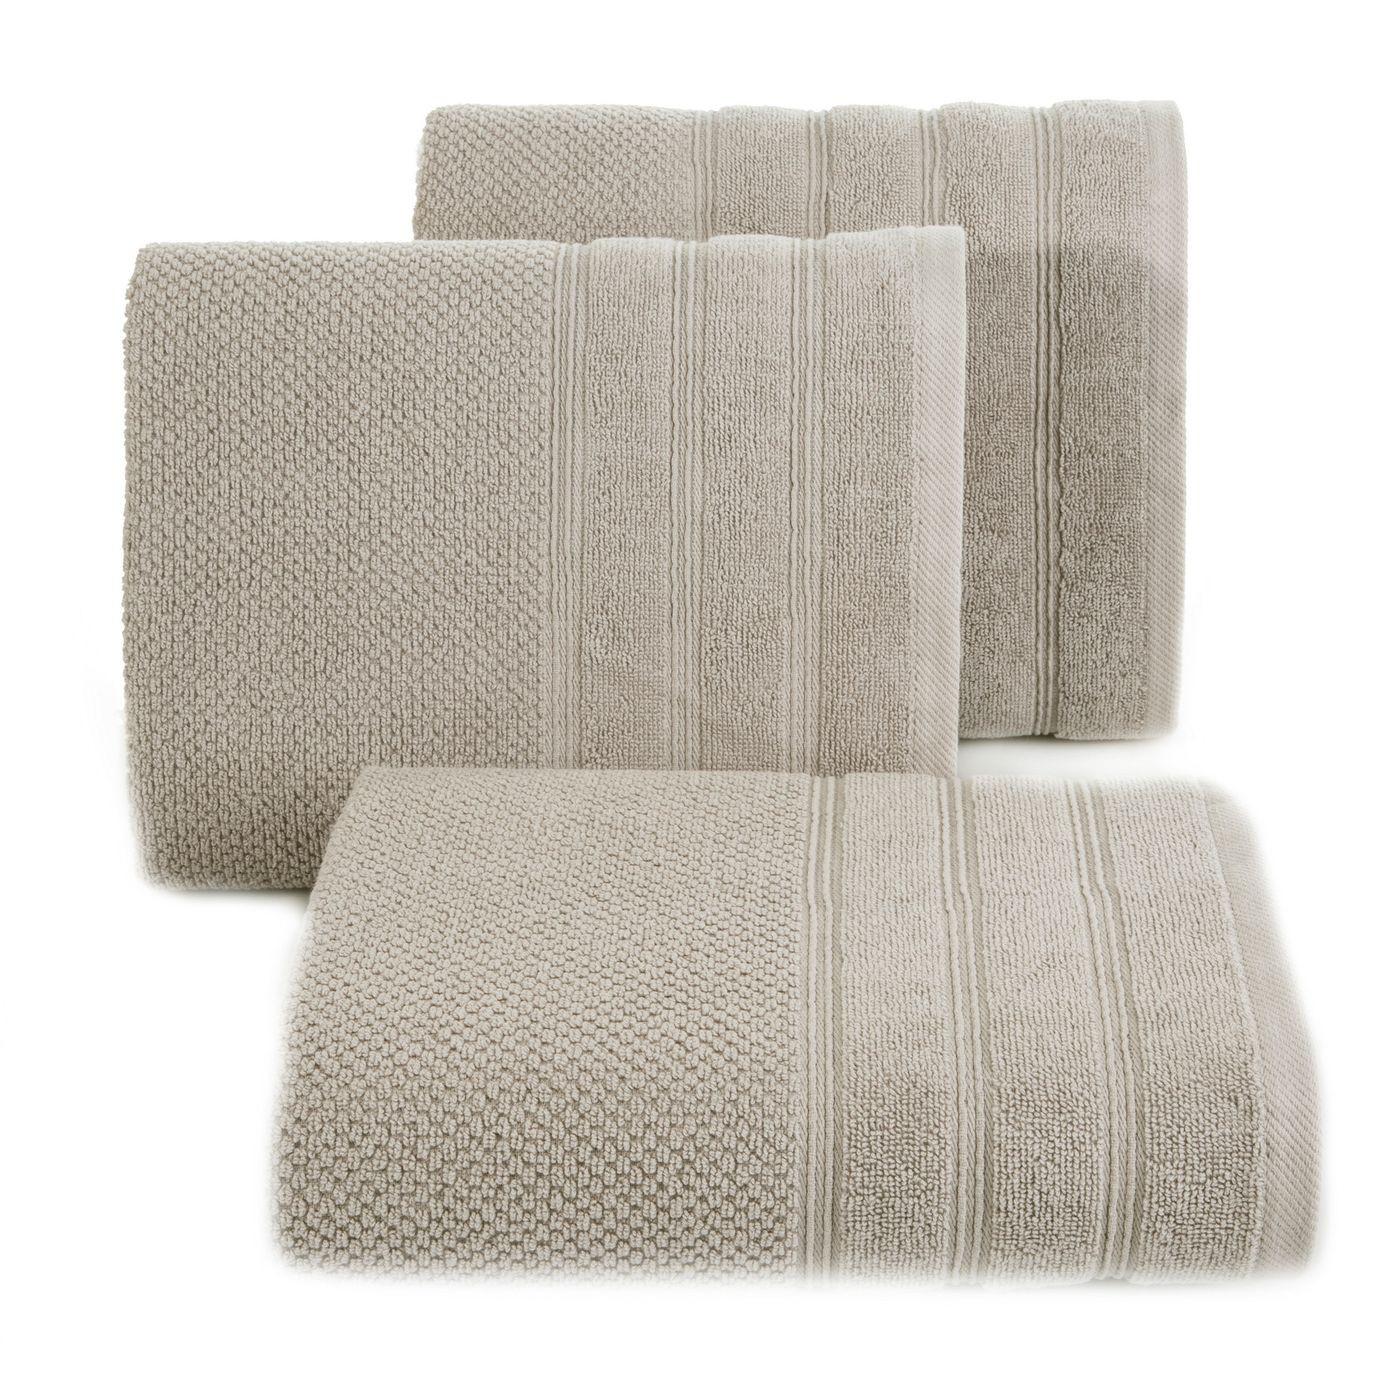 Bawełniany ręcznika kąpielowy frote beżowy 50x90